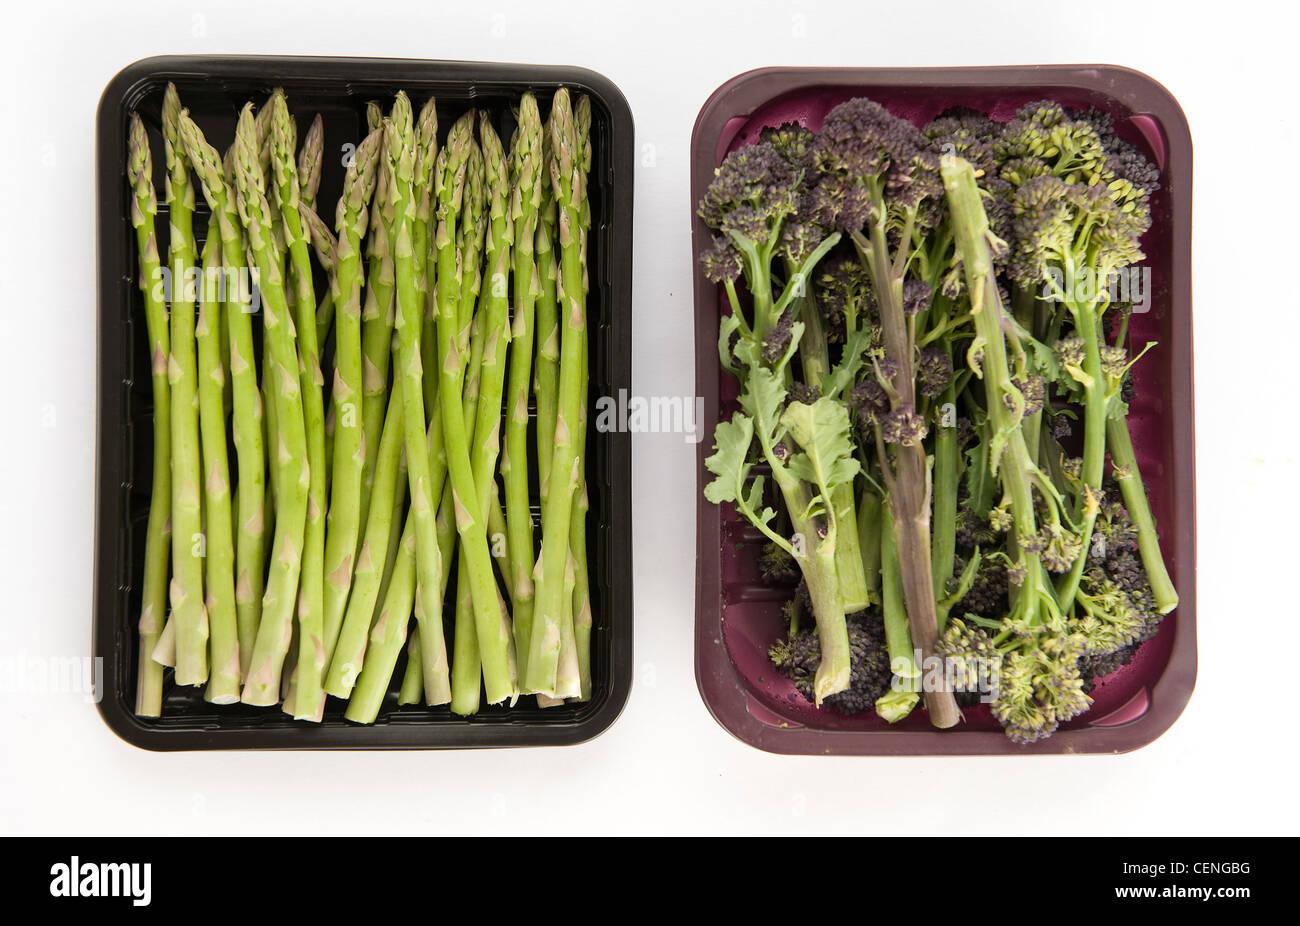 Encore une image de la vie et de l'asperge brocoli pourpre dans des contenants de plastique noir et violet Photo Stock